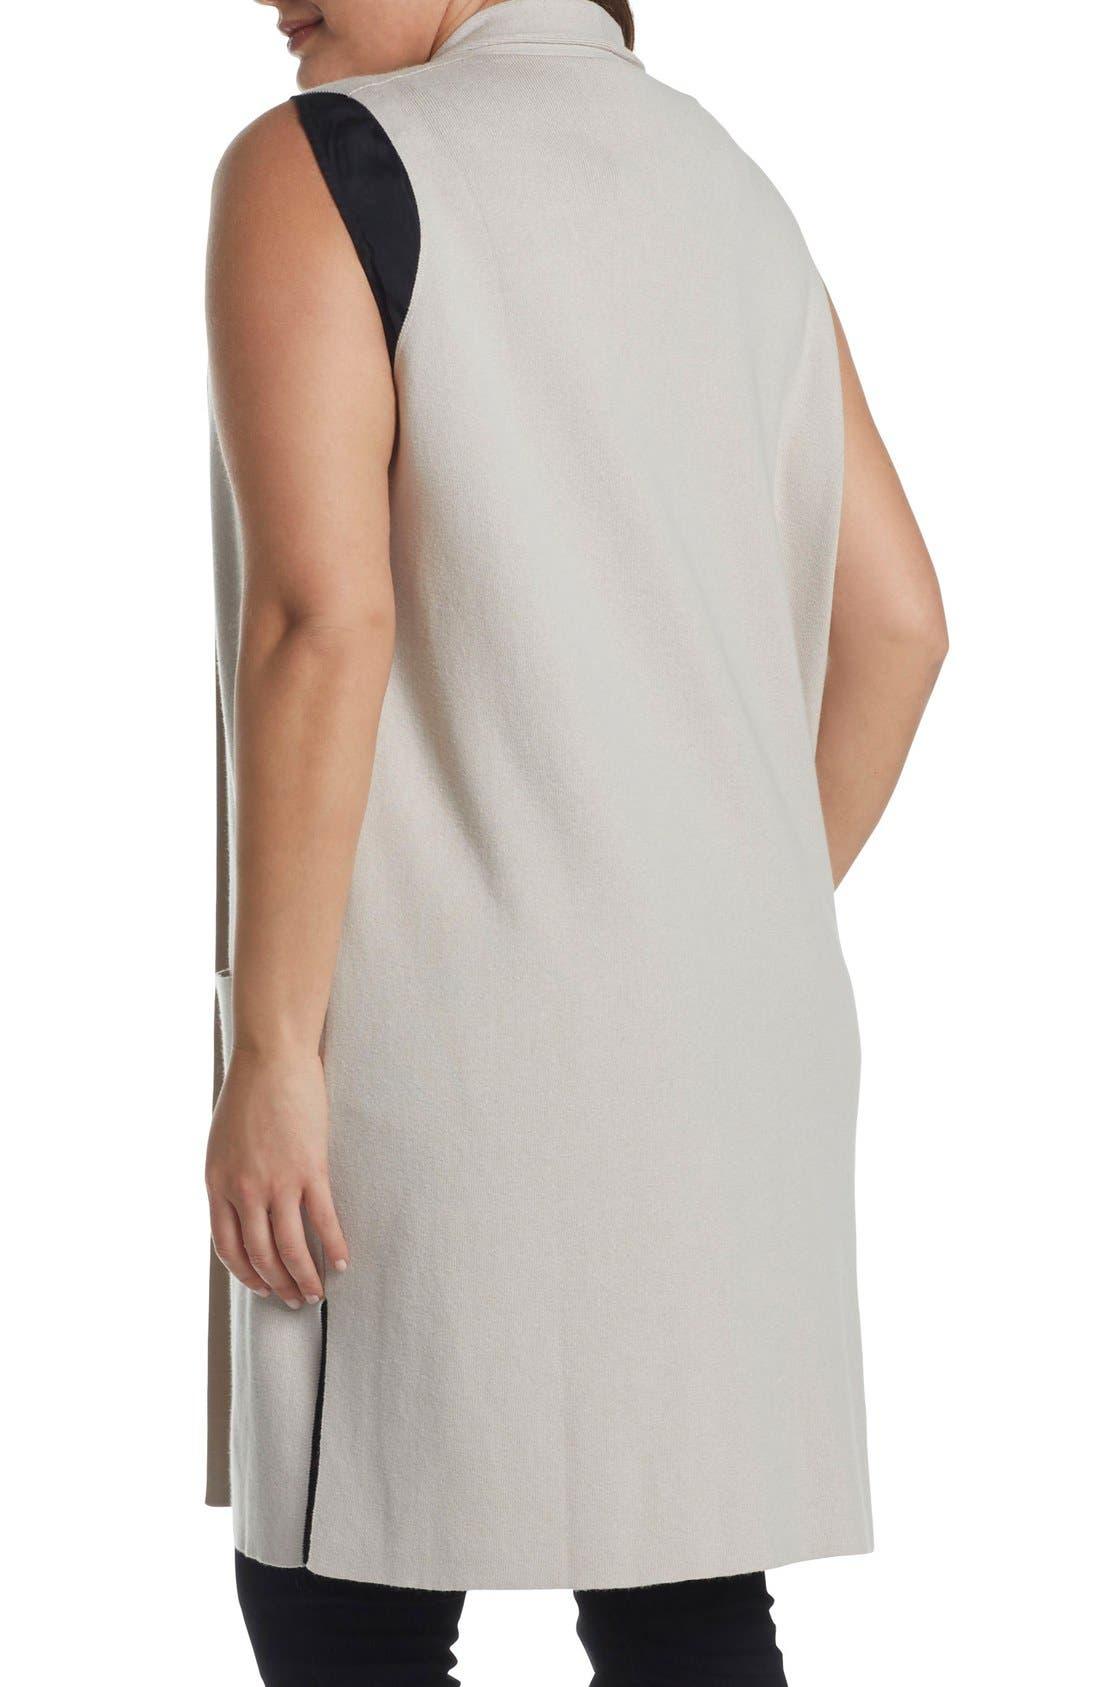 Melva Cotton & Cashmere Open Front Sweater Vest,                             Alternate thumbnail 2, color,                             Light Tan